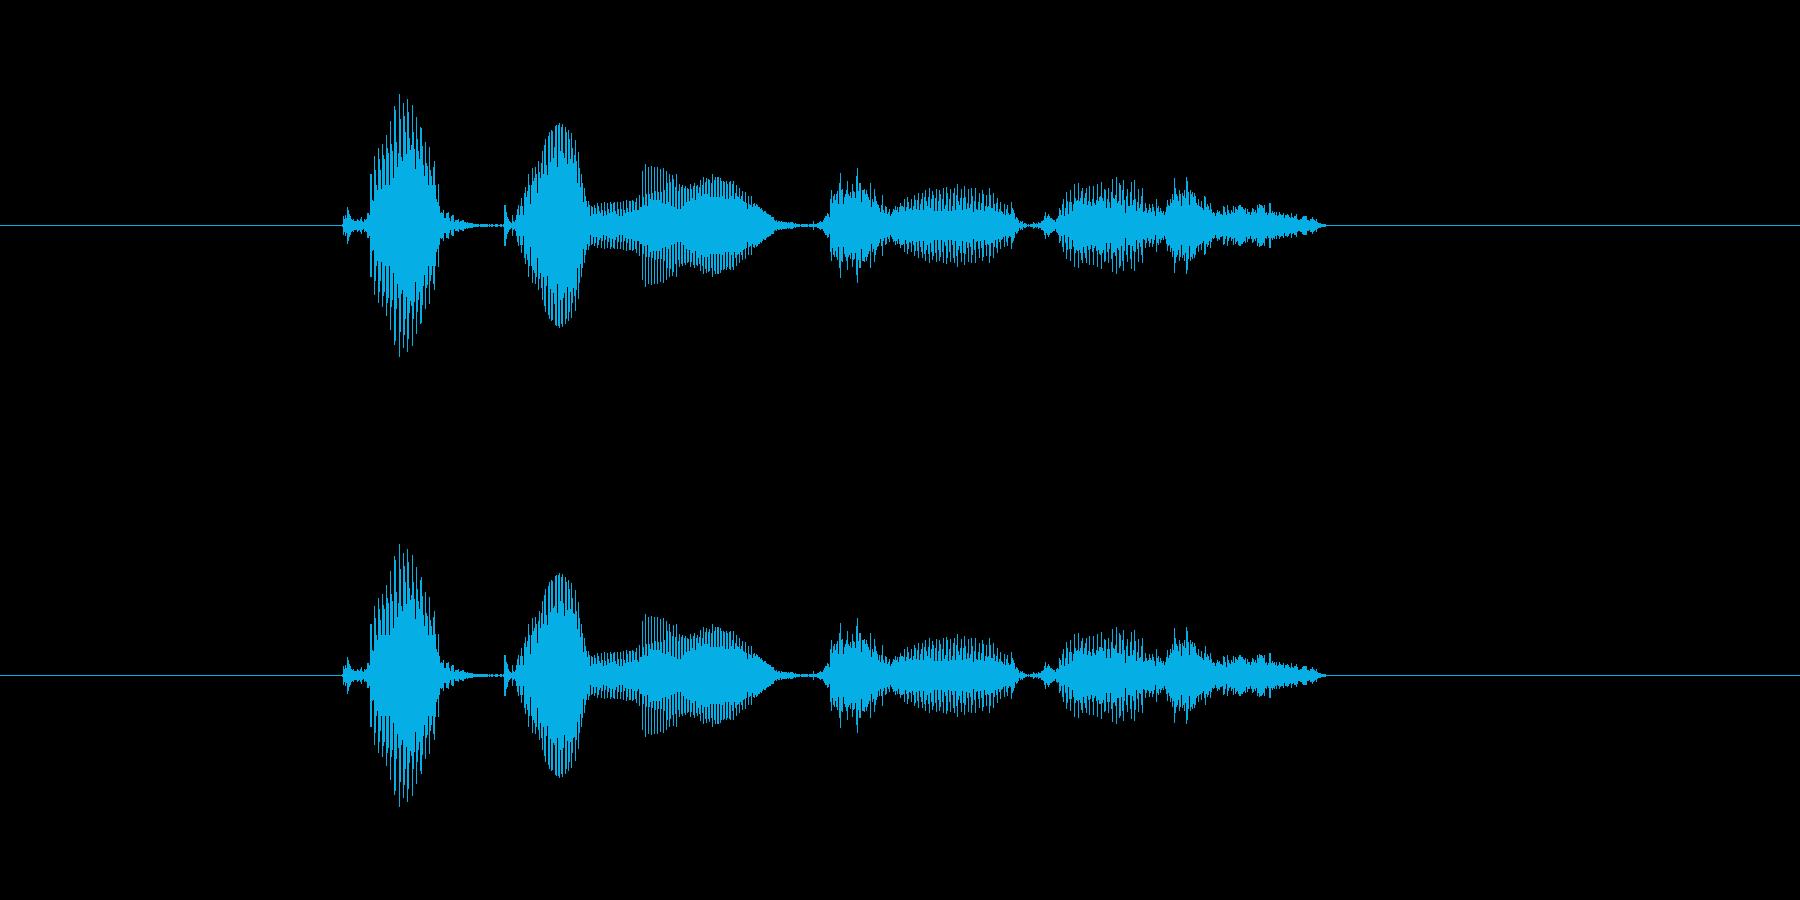 【システム】確認中ですの再生済みの波形